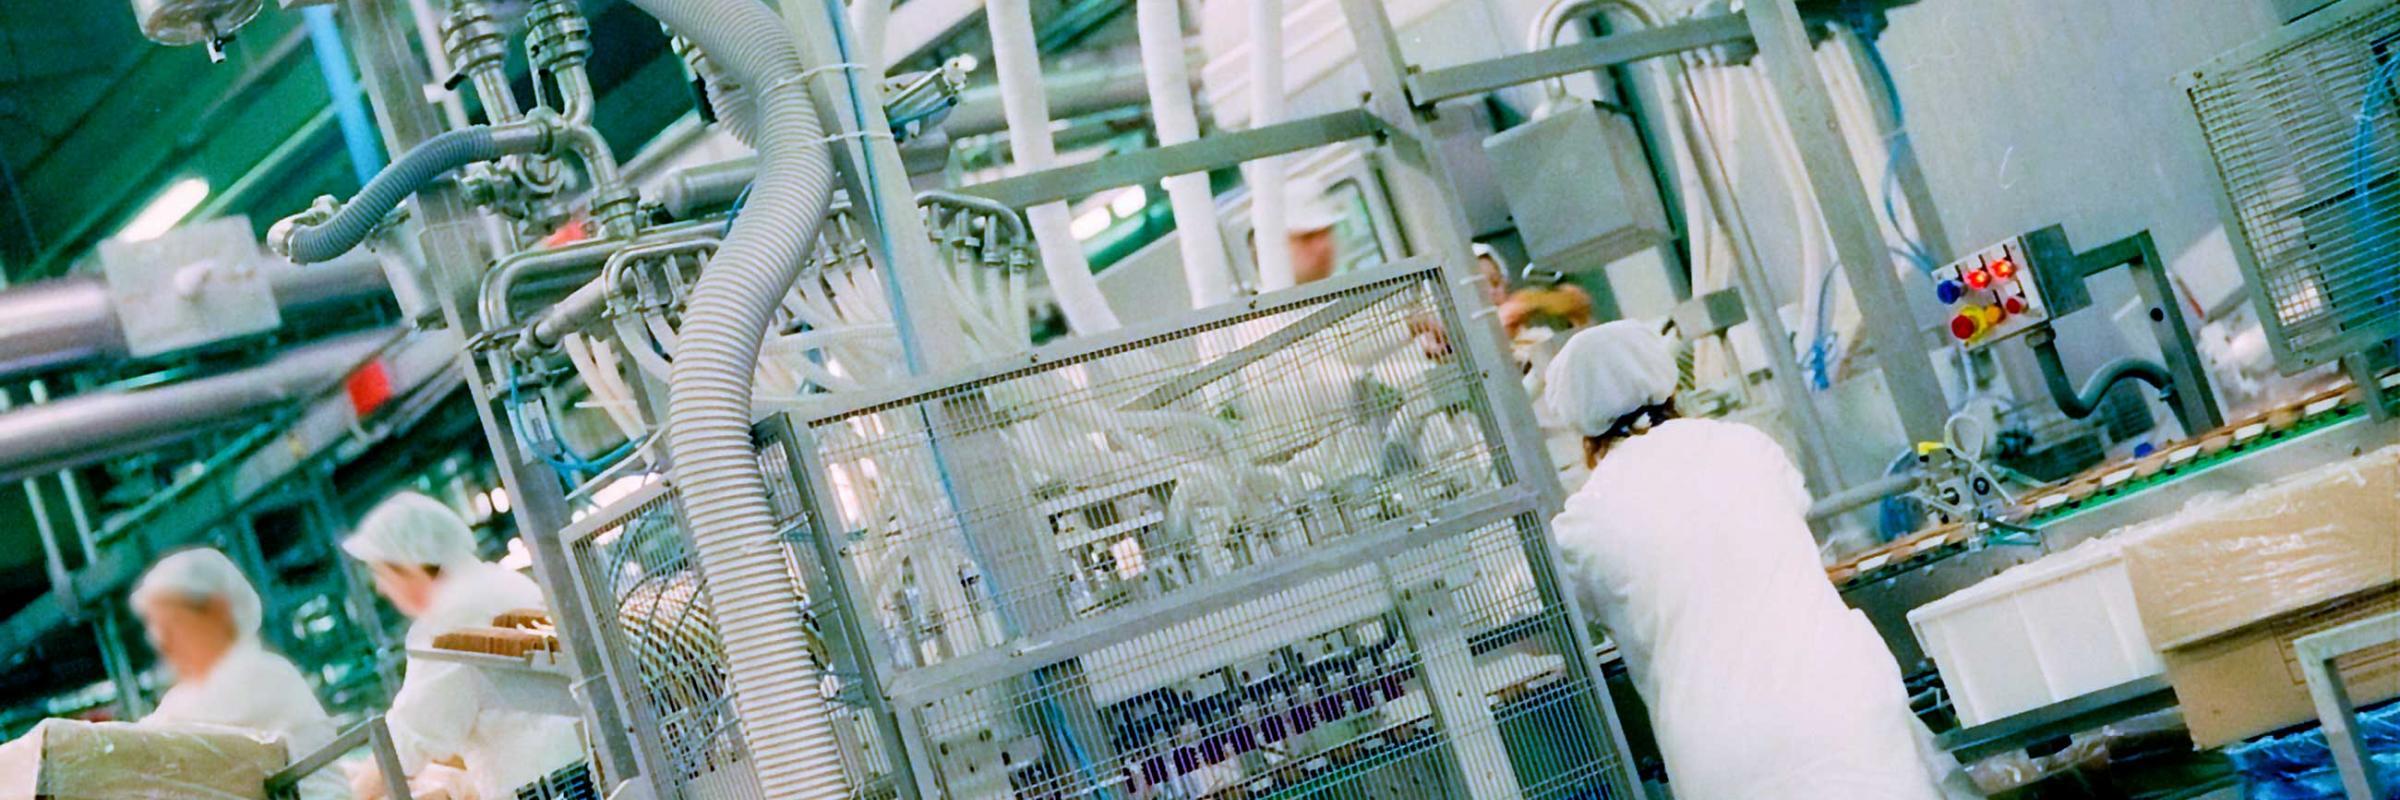 Implementación de prerrequisitos y sistema HACCP en la Industria Alimentaria